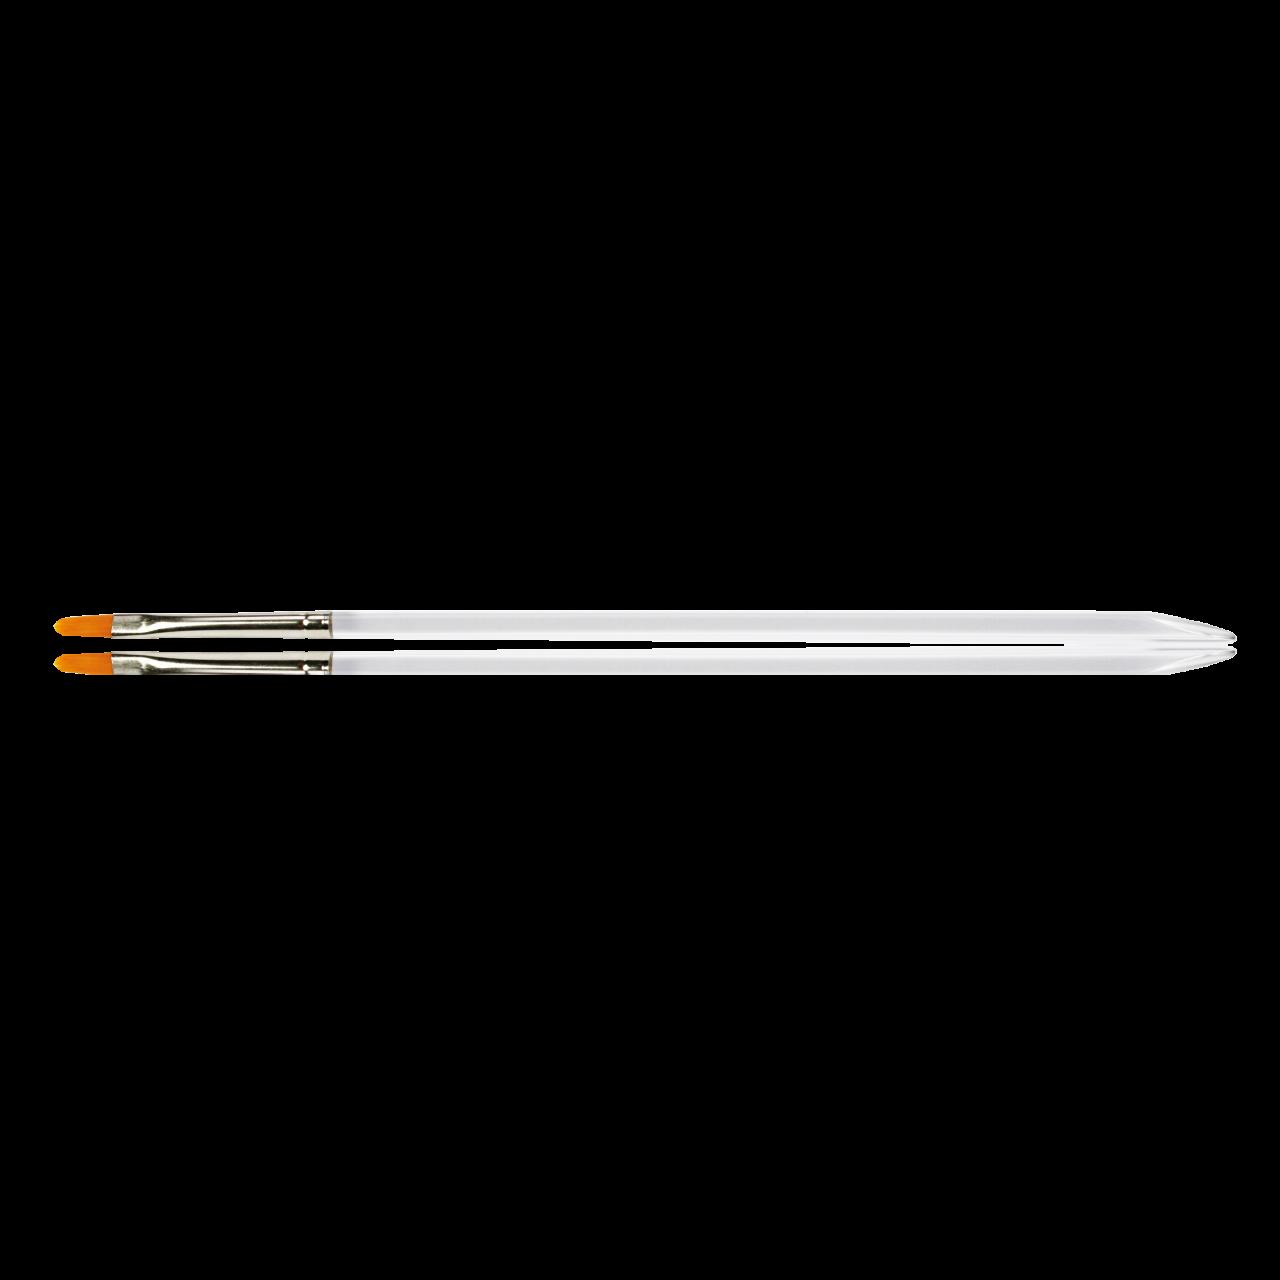 Gel-Modellage-Pinsel Gr.4 Katzenzunge